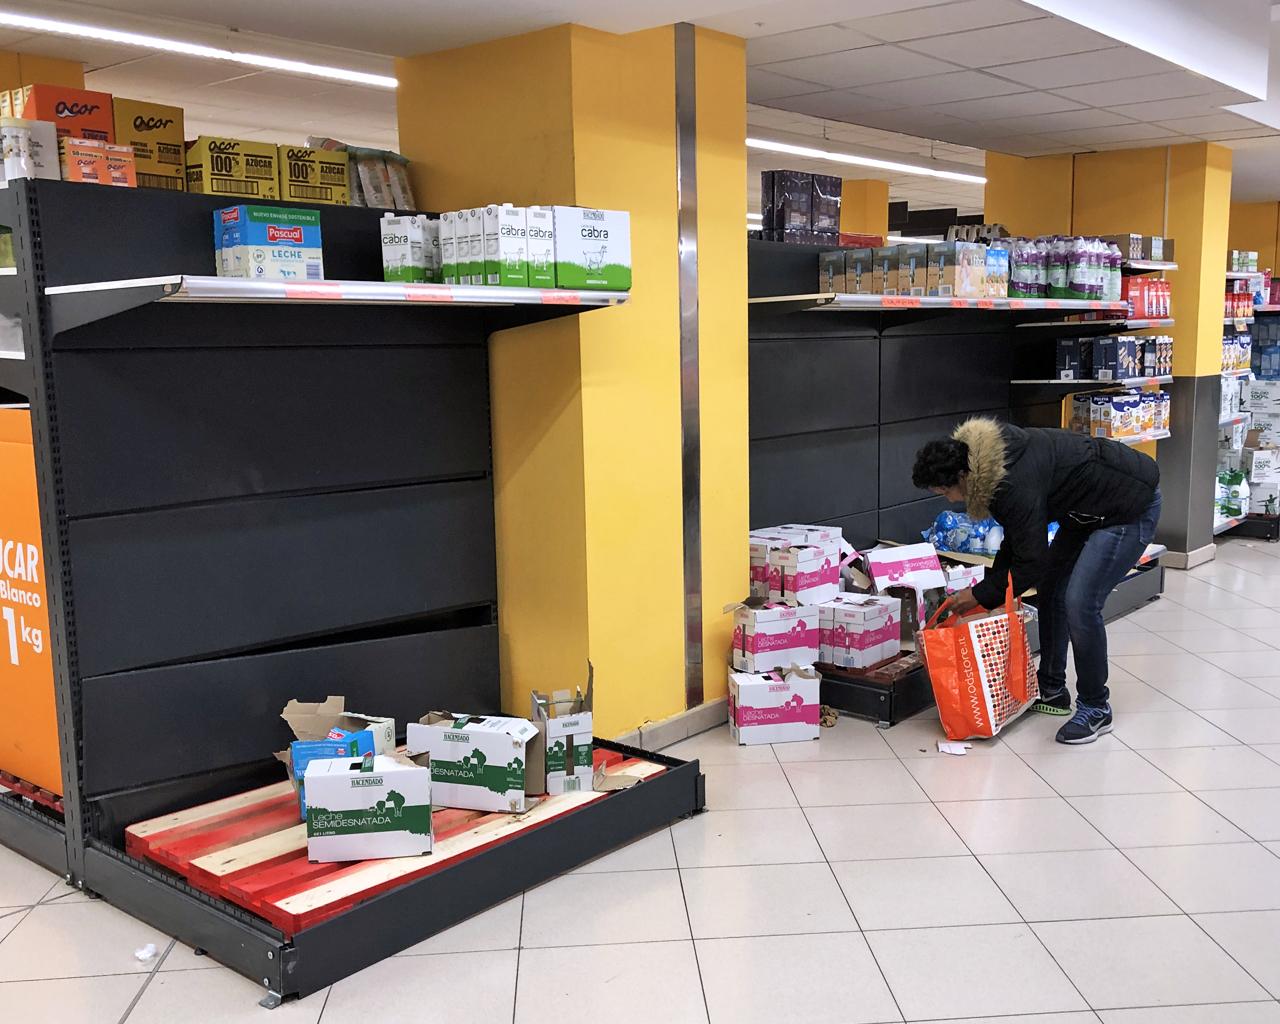 Problemas de abastecimiento en supermercados. Madrid. 10/03/2020.